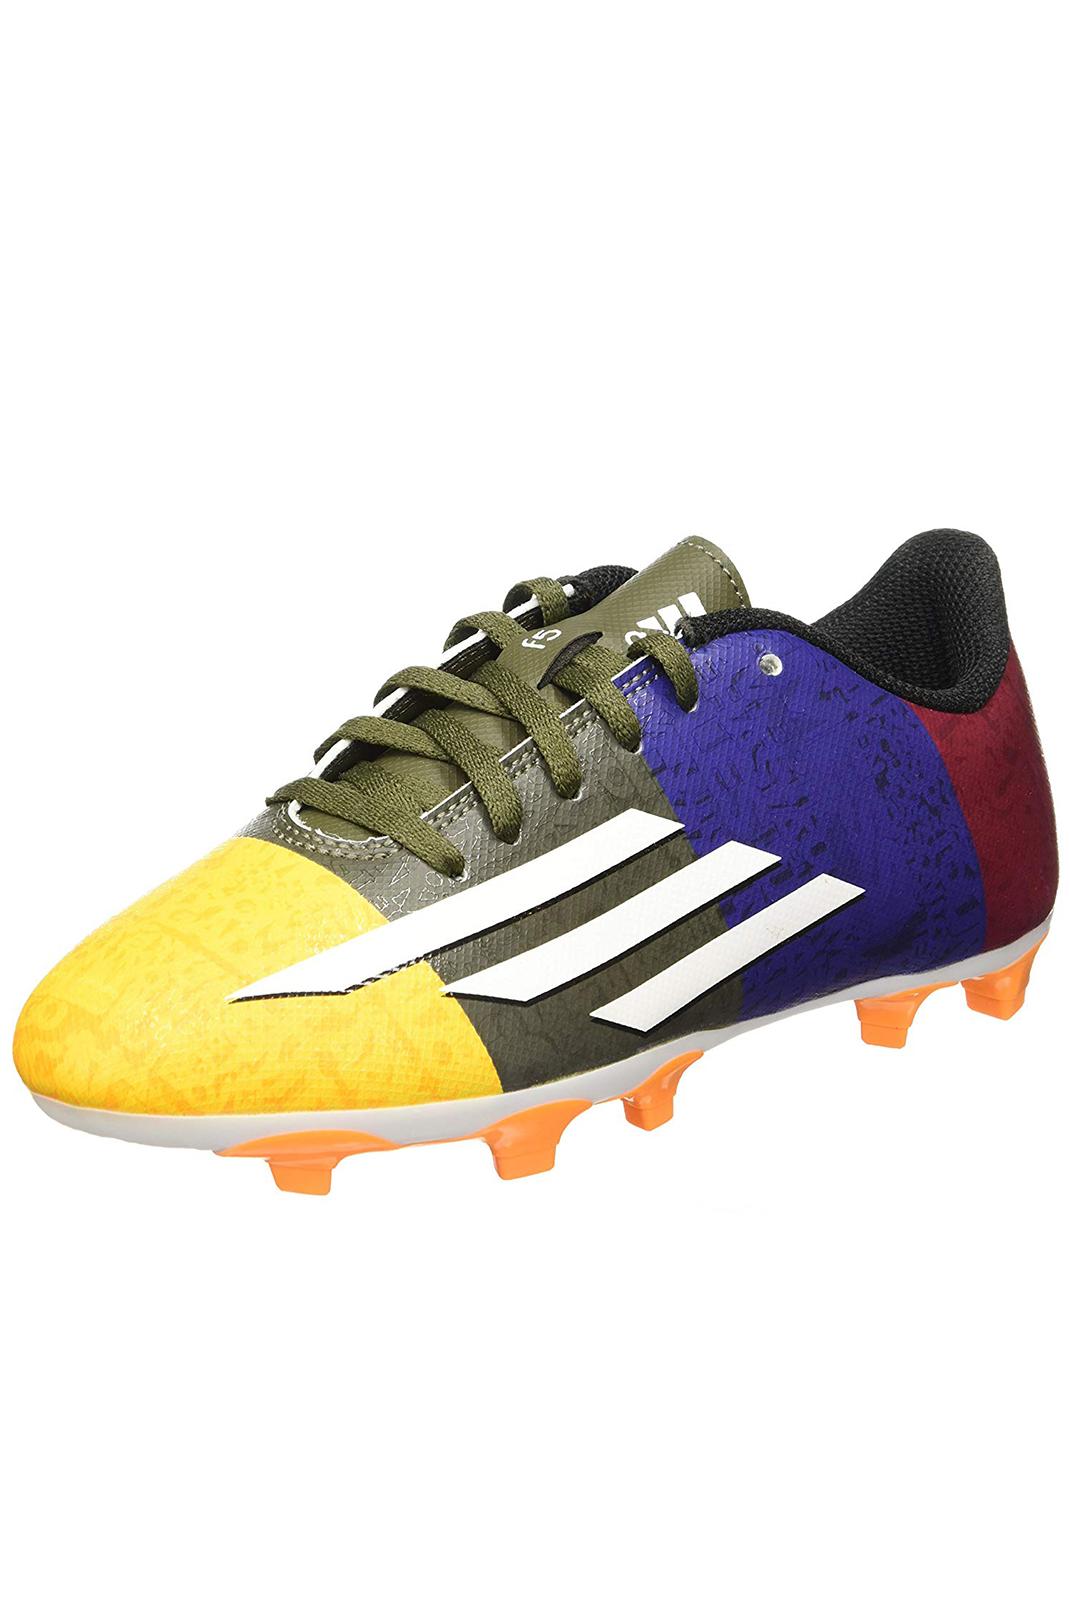 Chaussures  Adidas M21771 F5 FG J (MESSI) MULTI